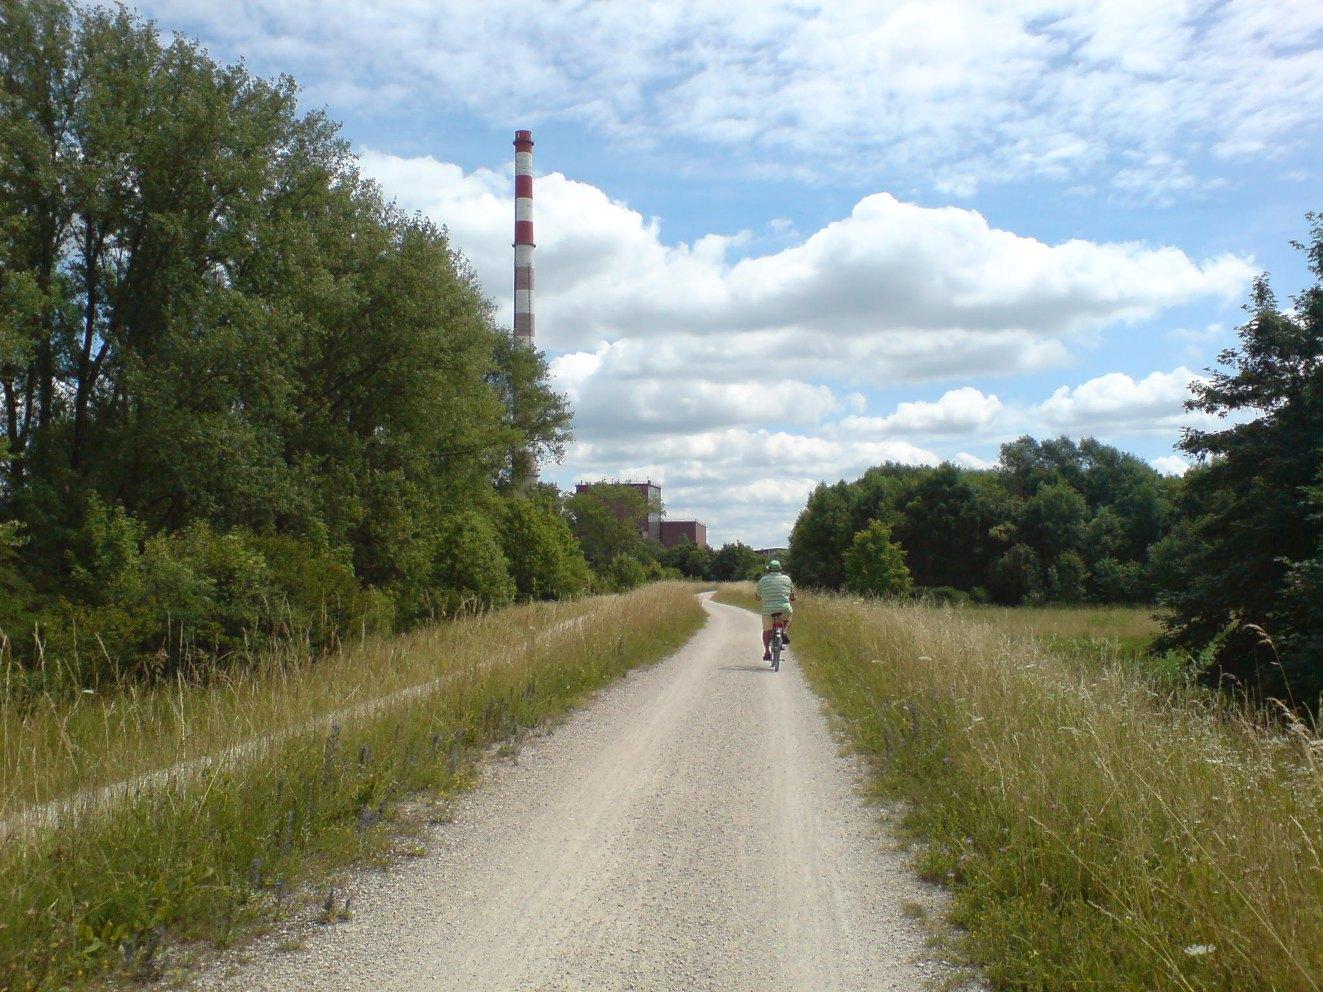 Bad Ingolstadt velo touring reiseführer donau radweg d etappe 9